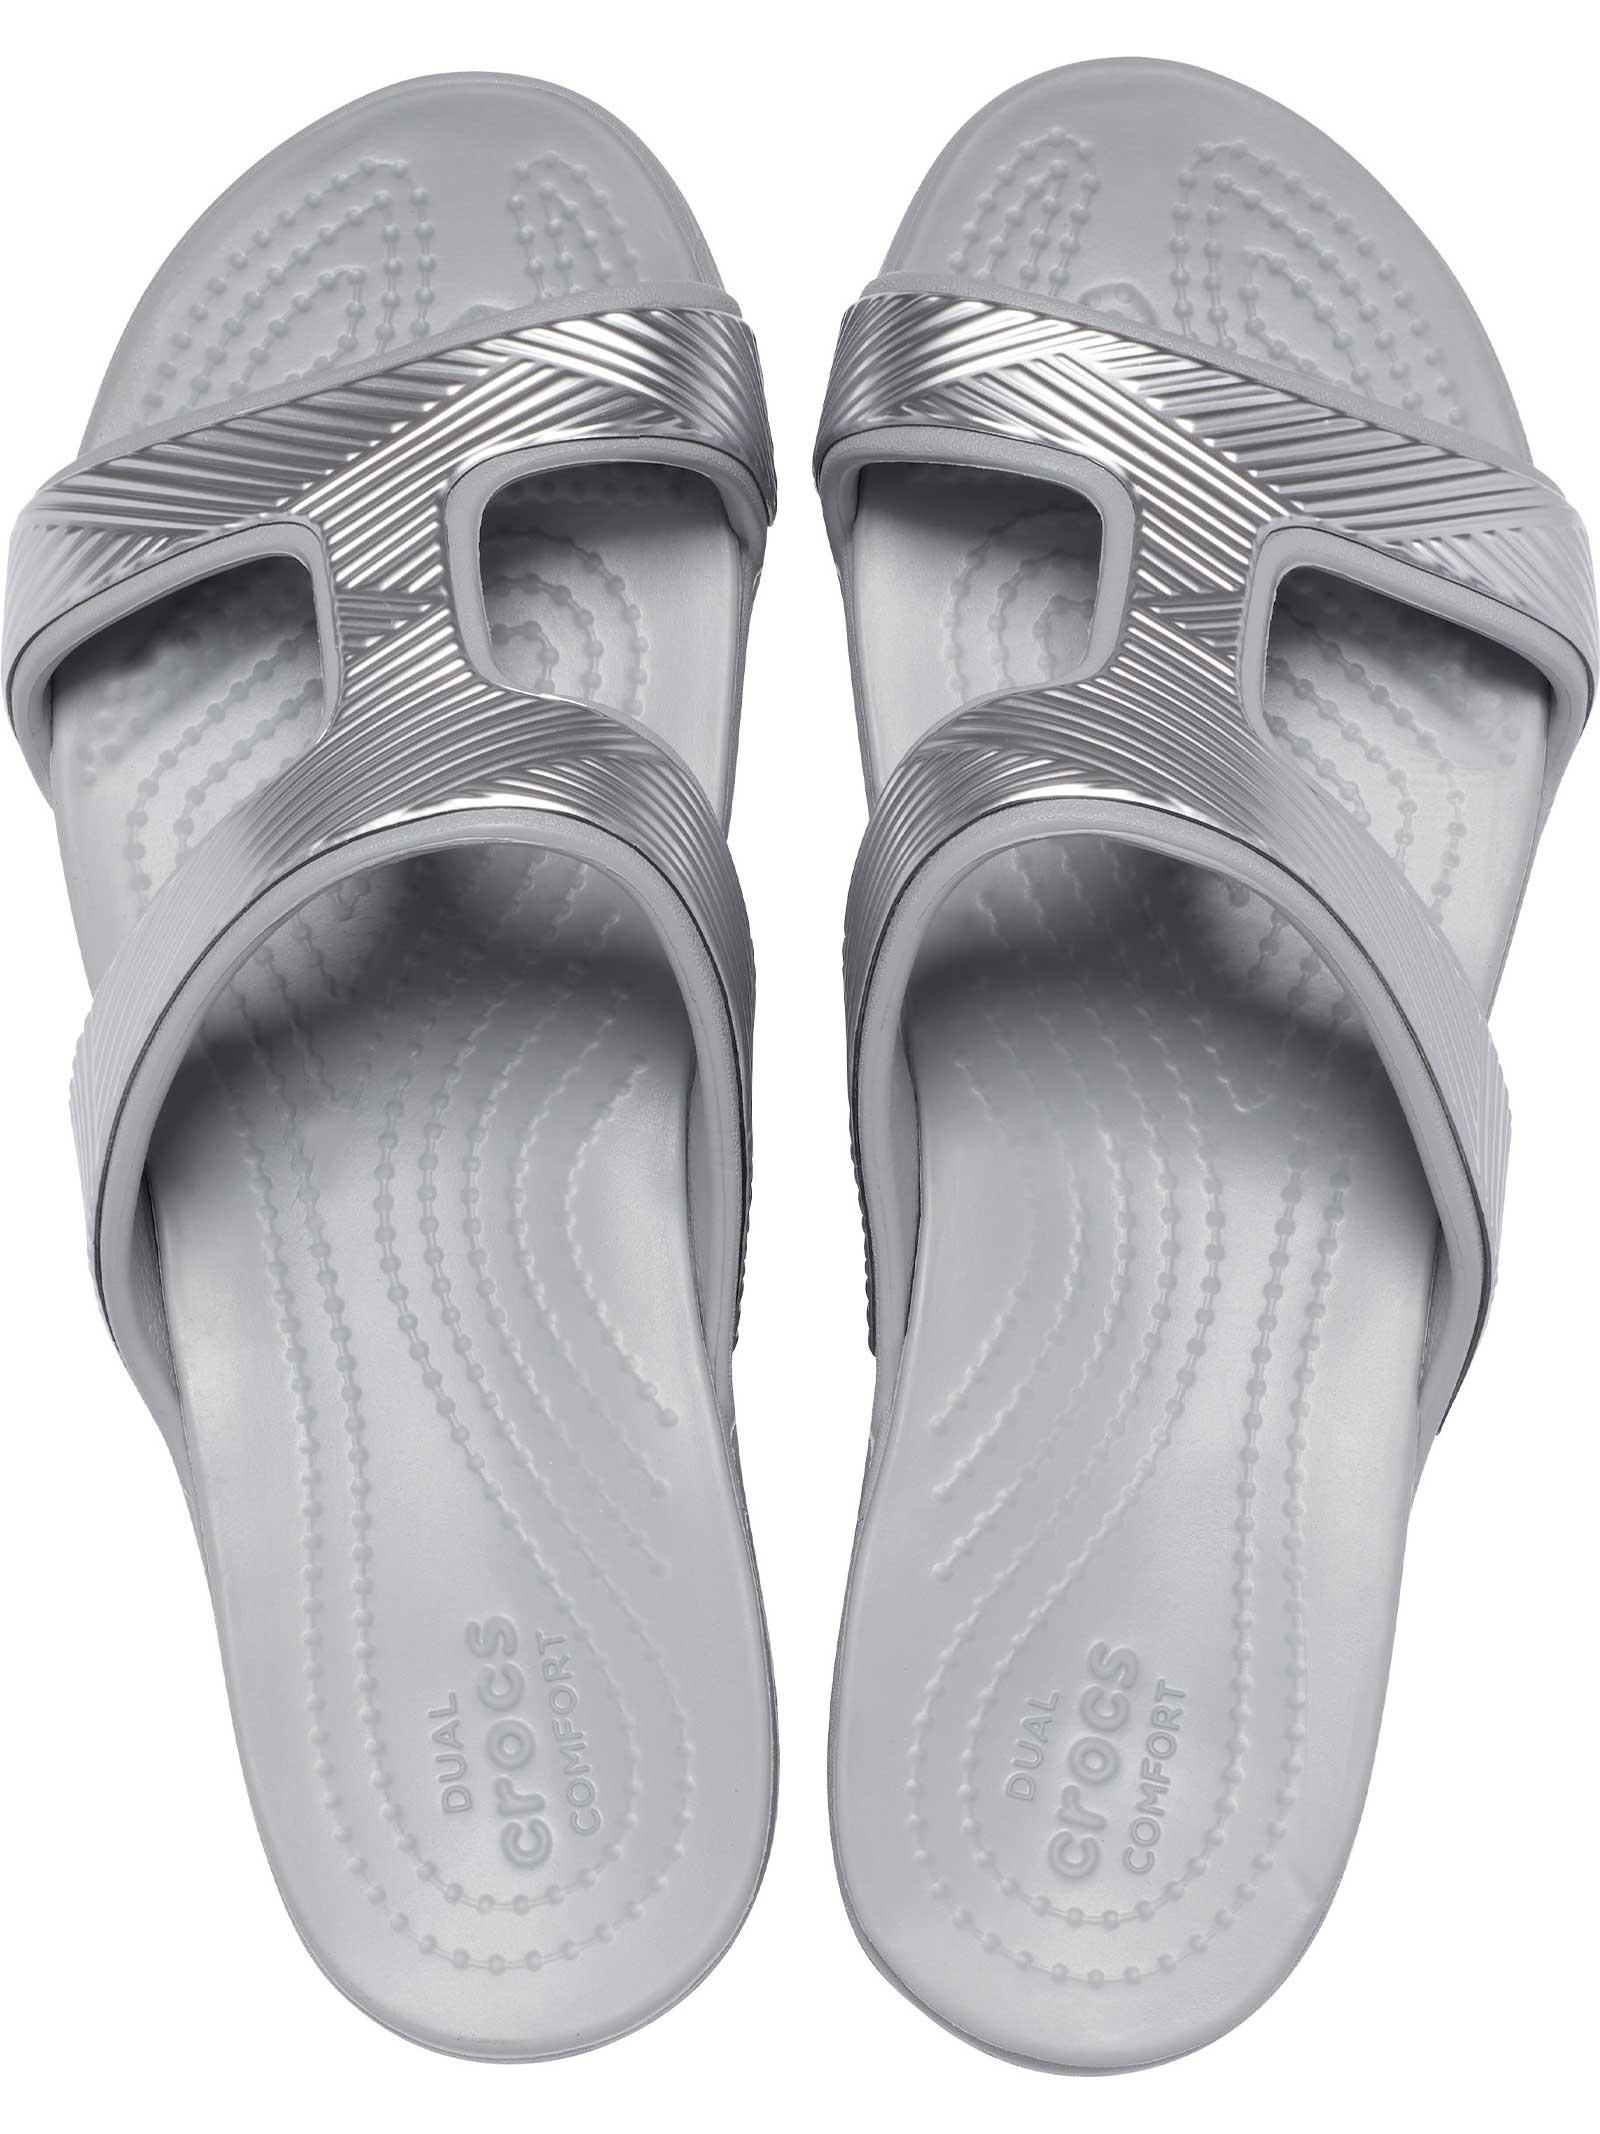 SANDALO DONNA CROCS   Sandalo   207144007